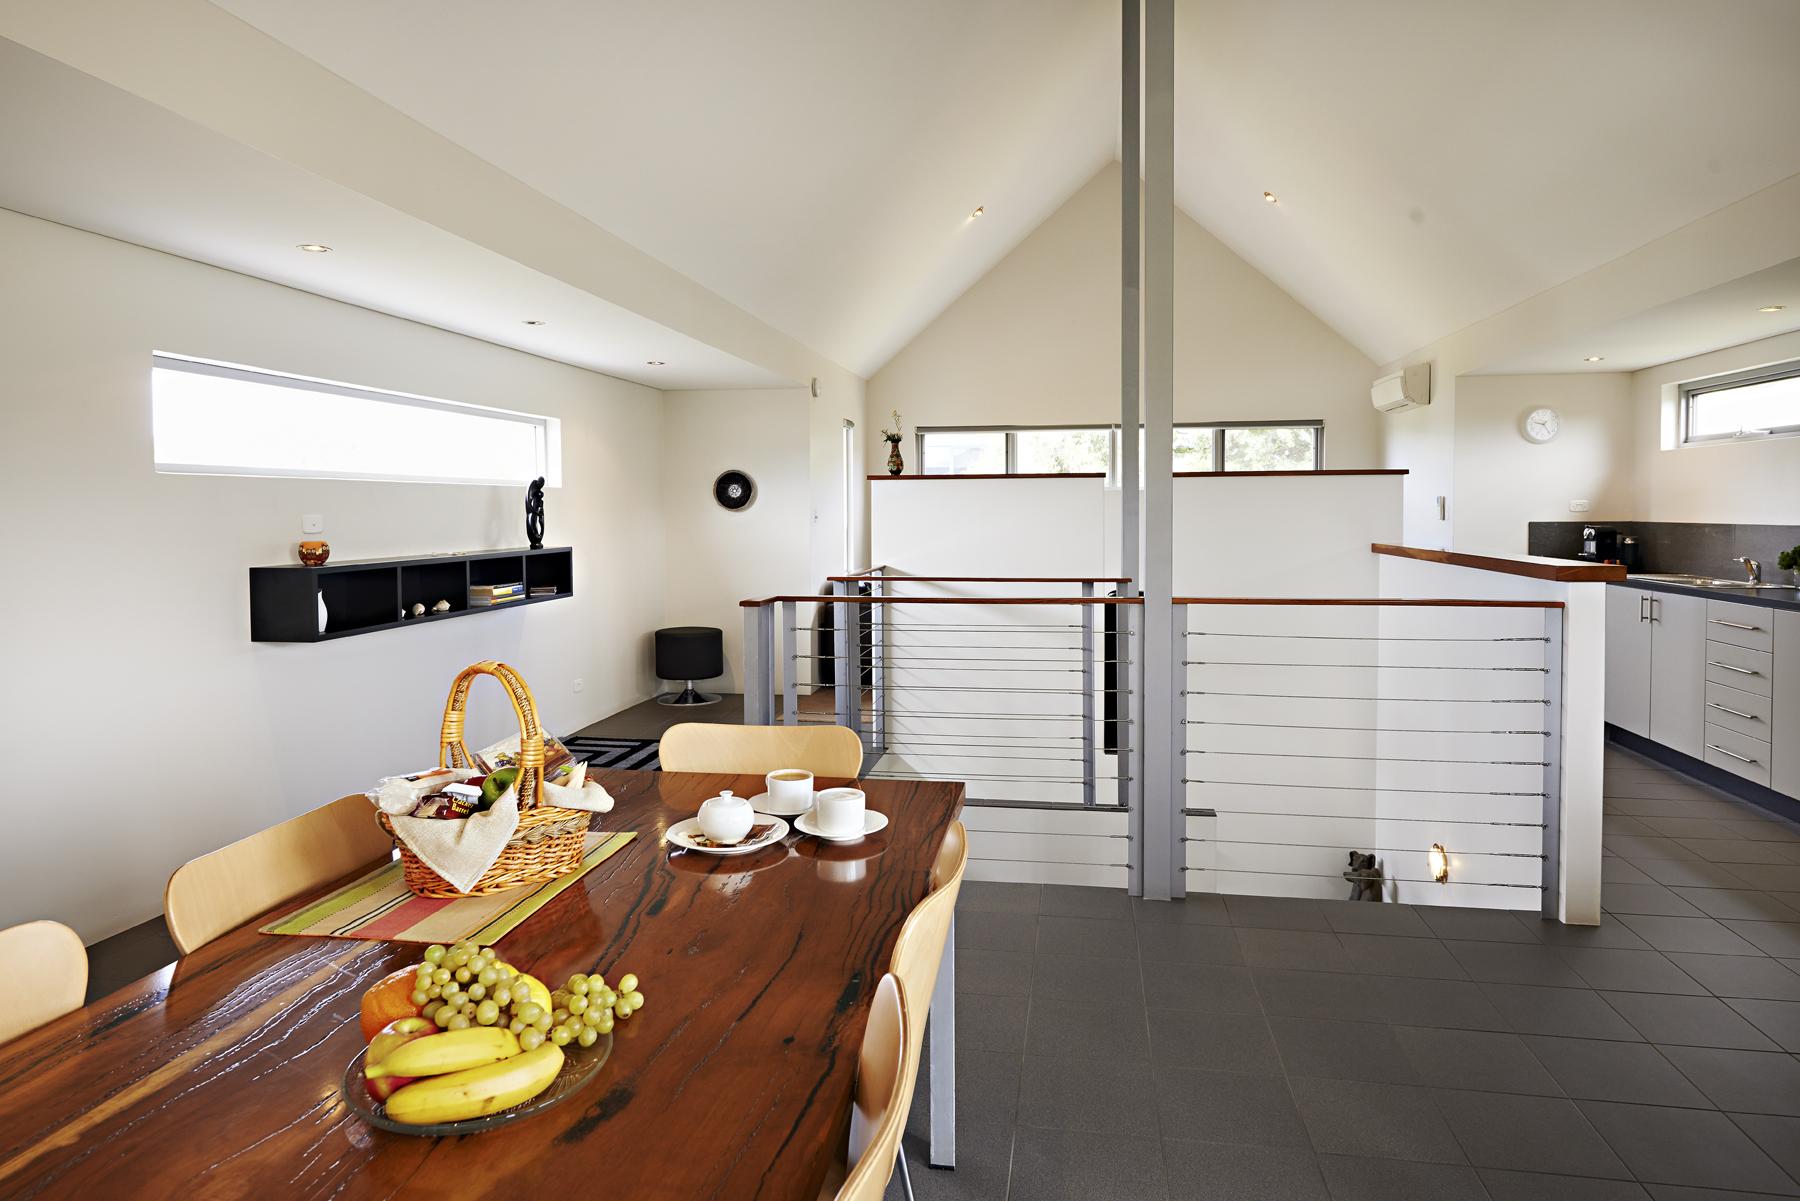 0045 - Hanover Bay Apartments - 05122013.jpg